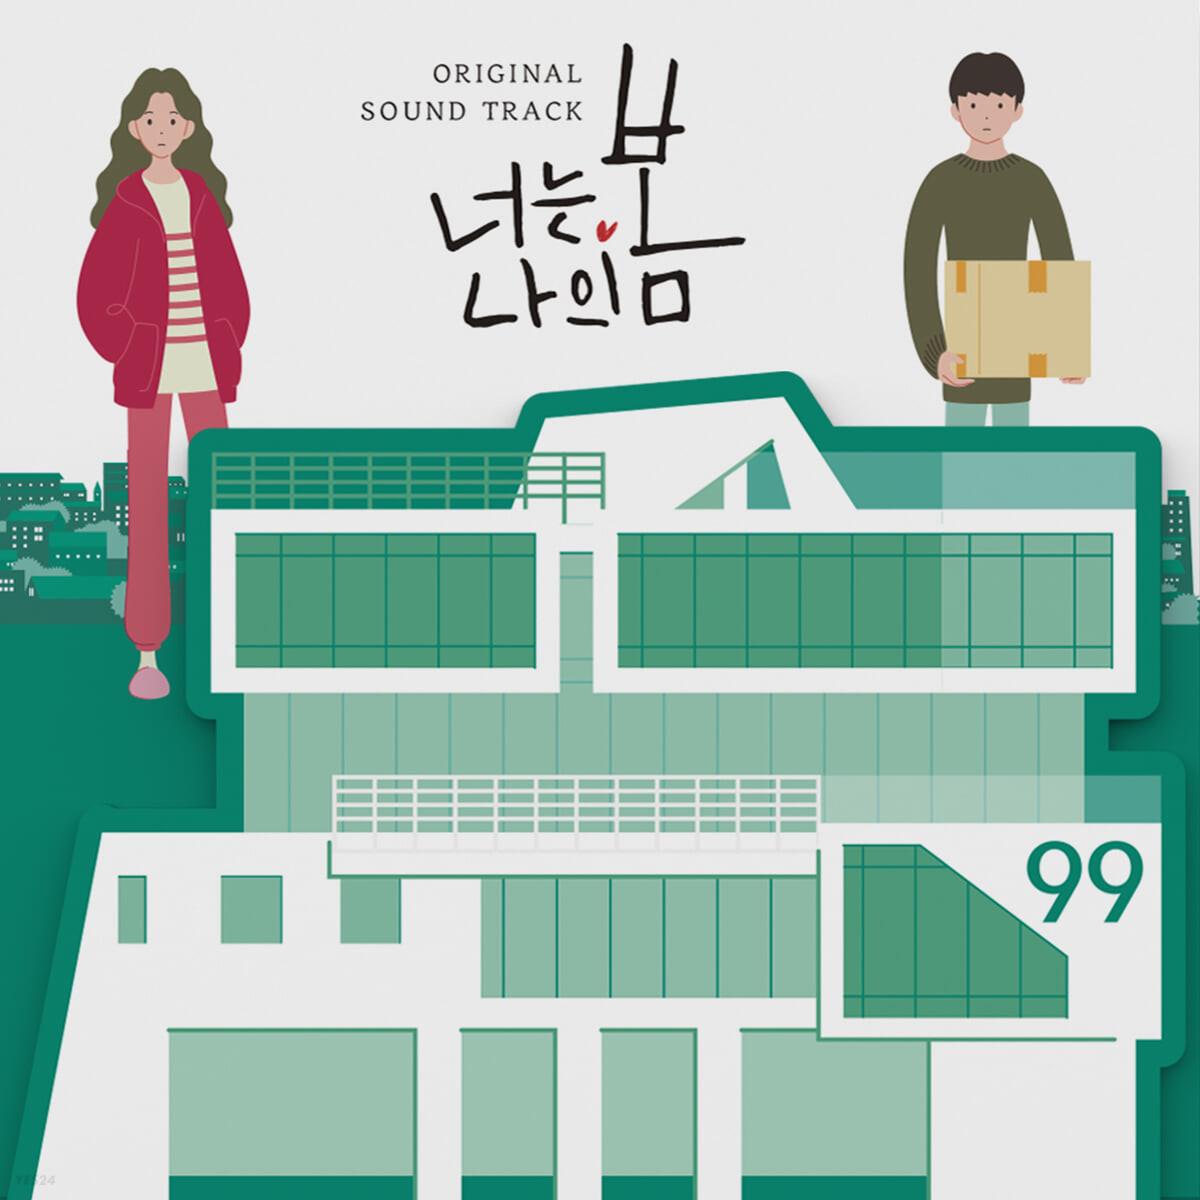 너는 나의 봄 (tvN 월화 드라마) OST